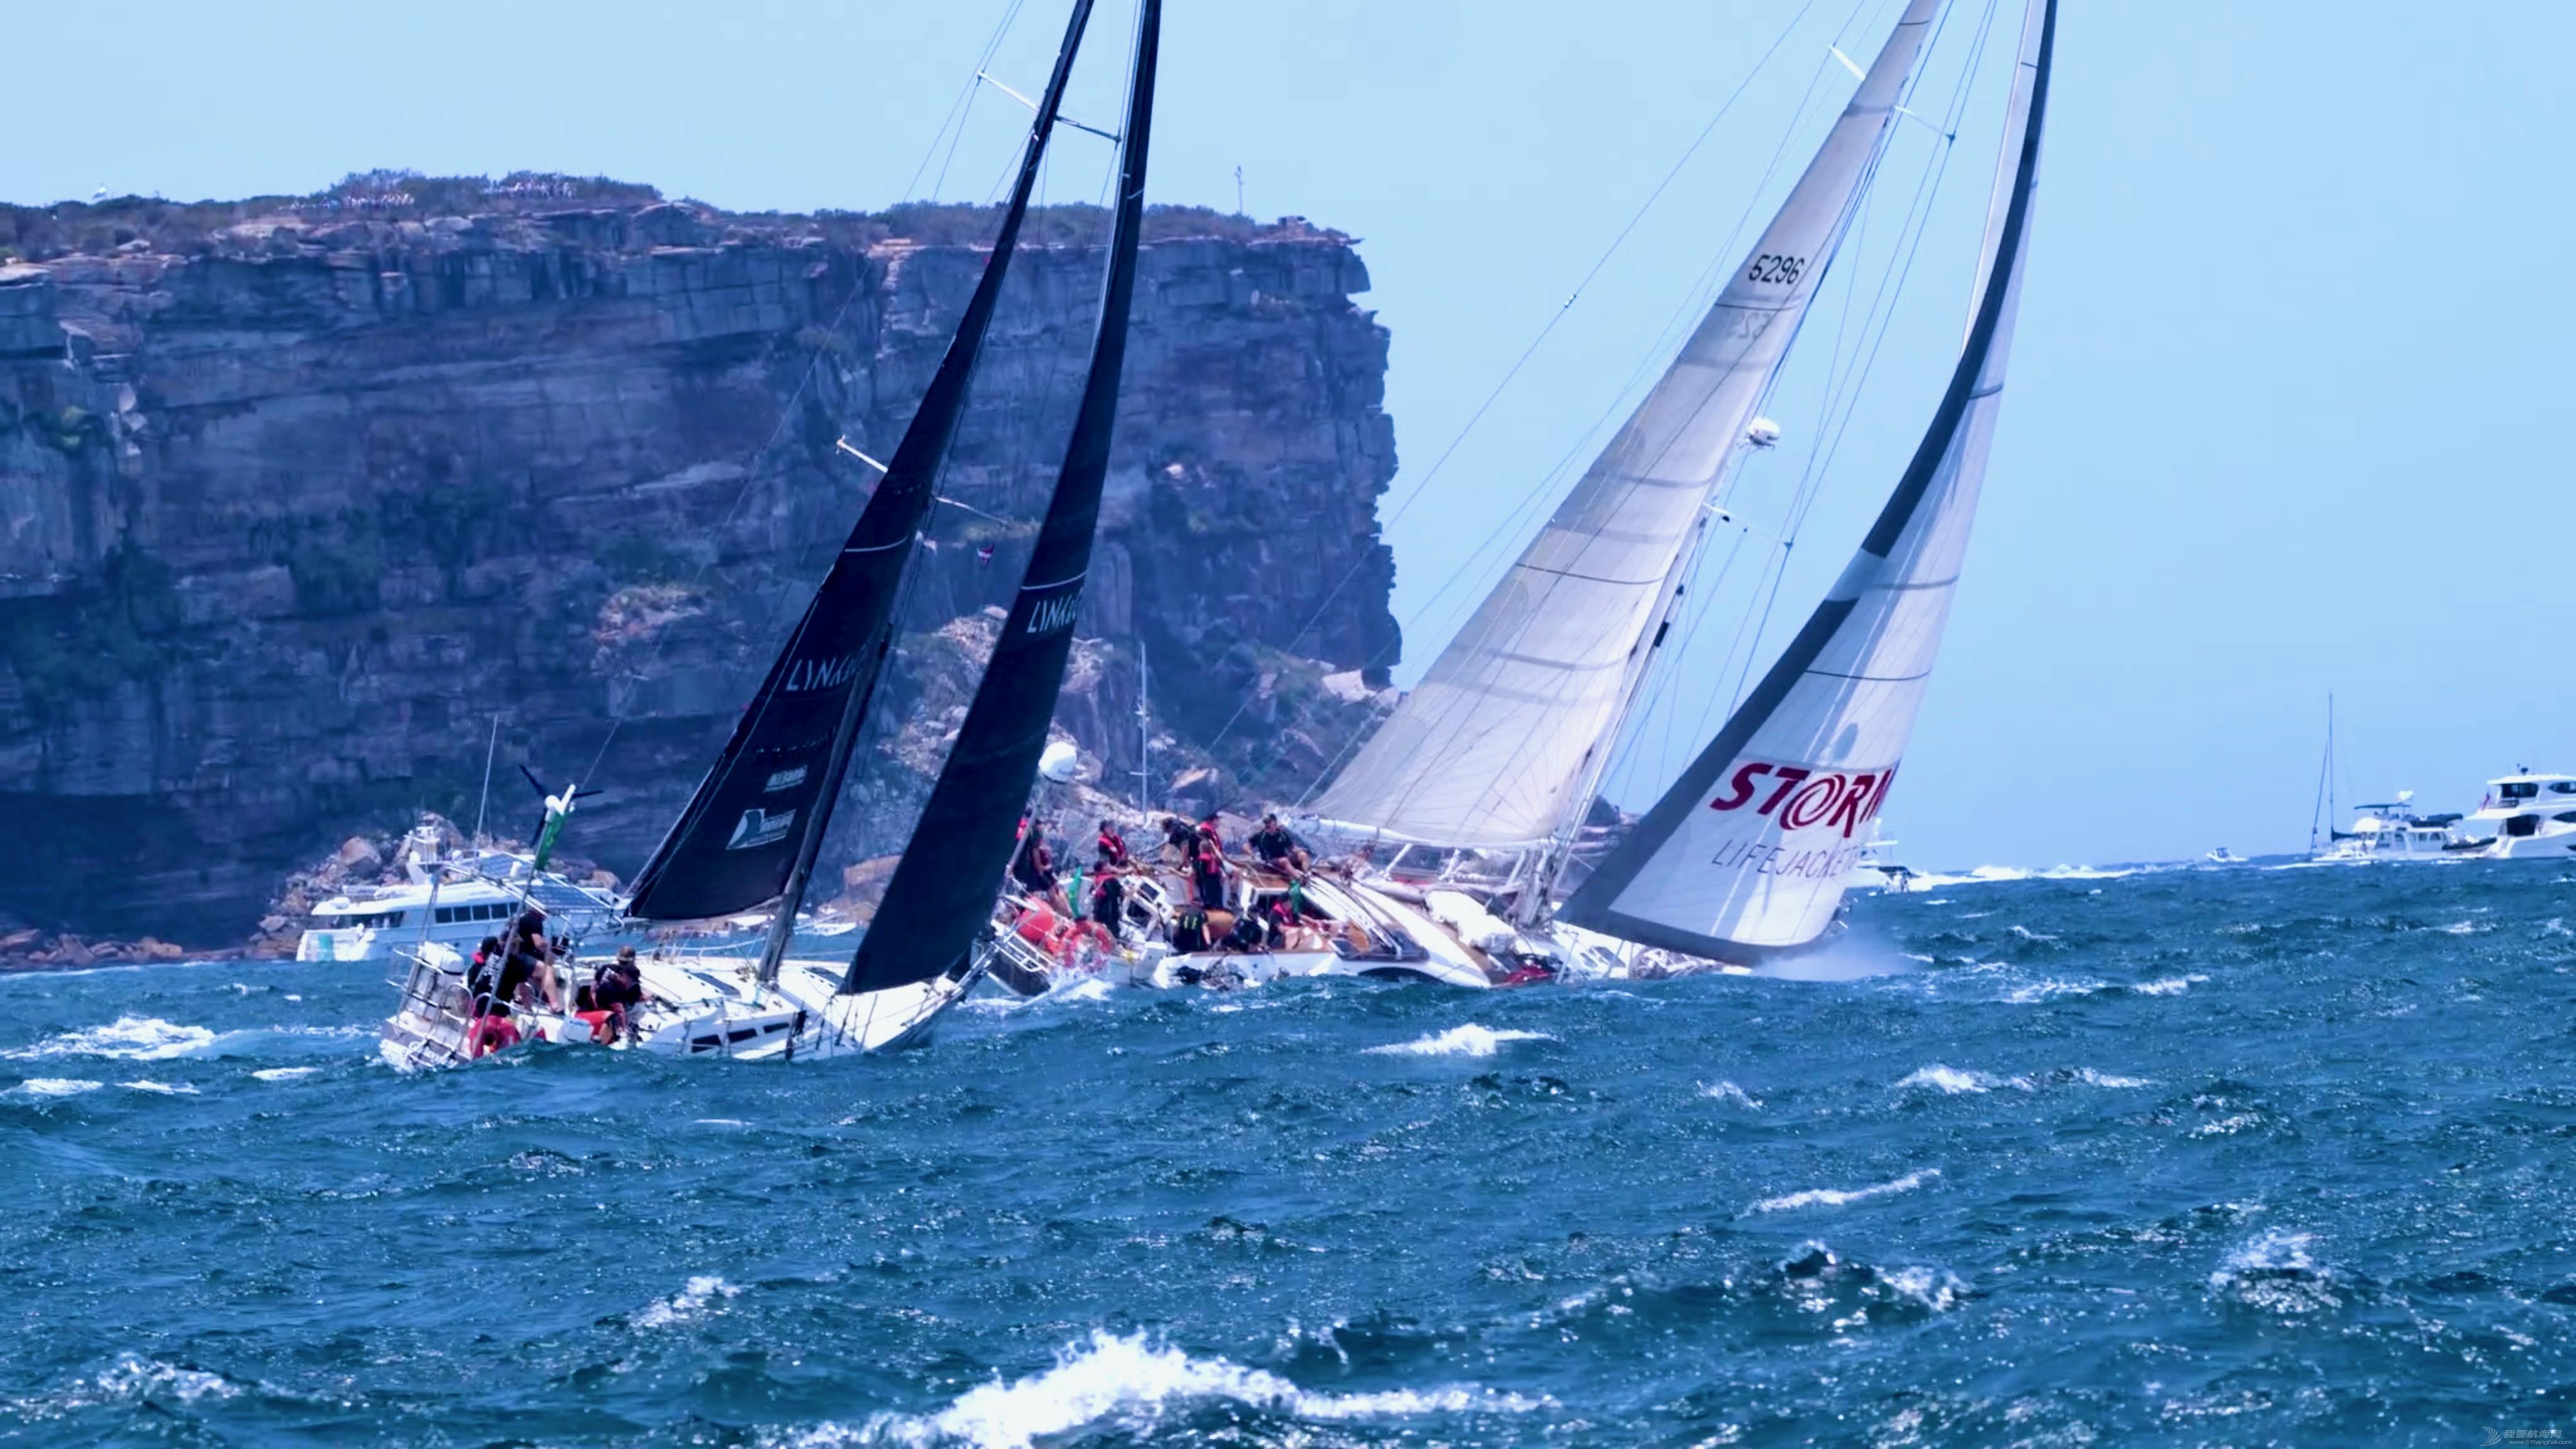 帆船,悉尼,航海,巴特,中国 《寻找航海的灵魂》国内首部劳力士悉尼霍巴特帆船赛纪录片